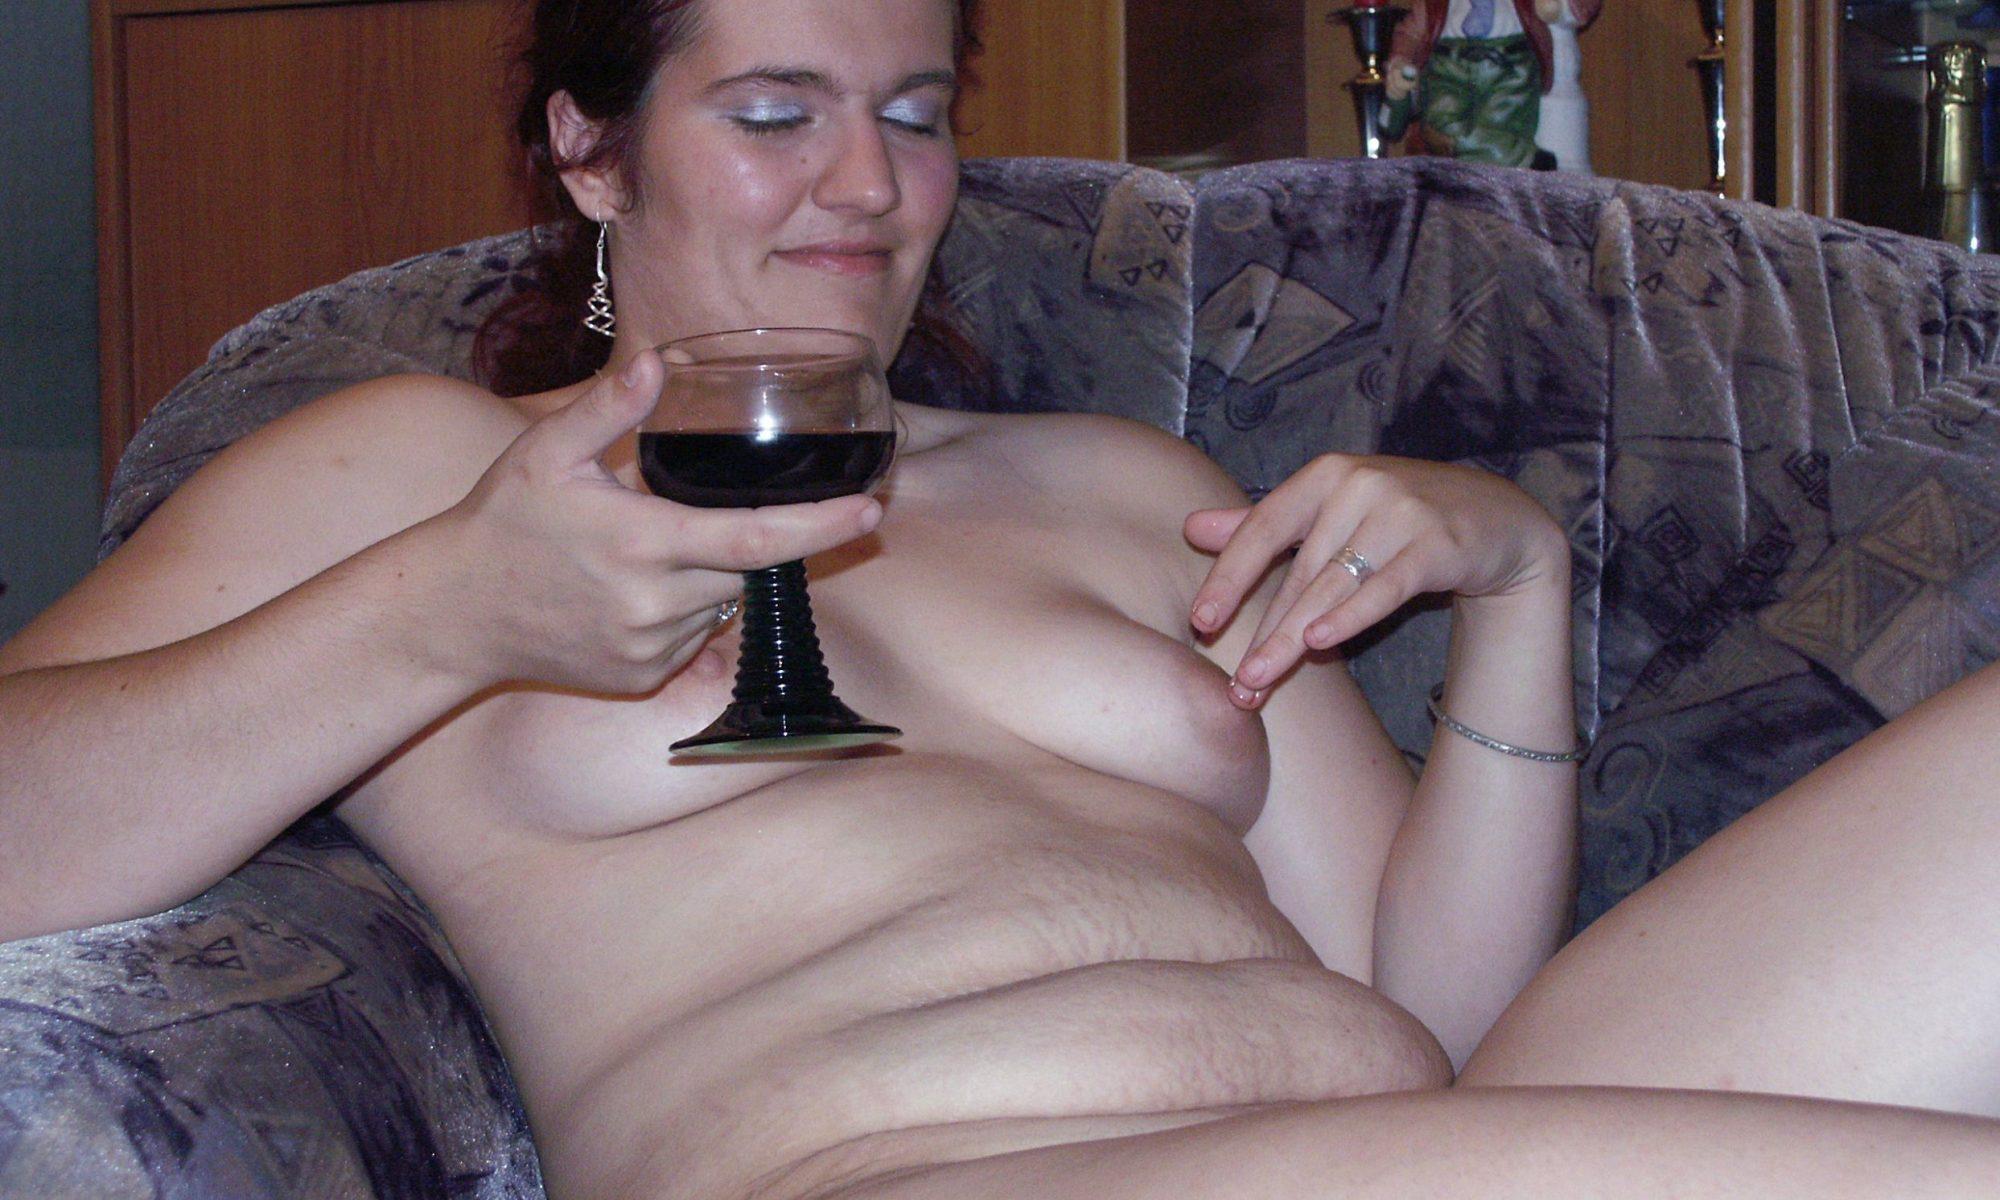 Erotikkontakte für erotisches Verhältnis gesucht